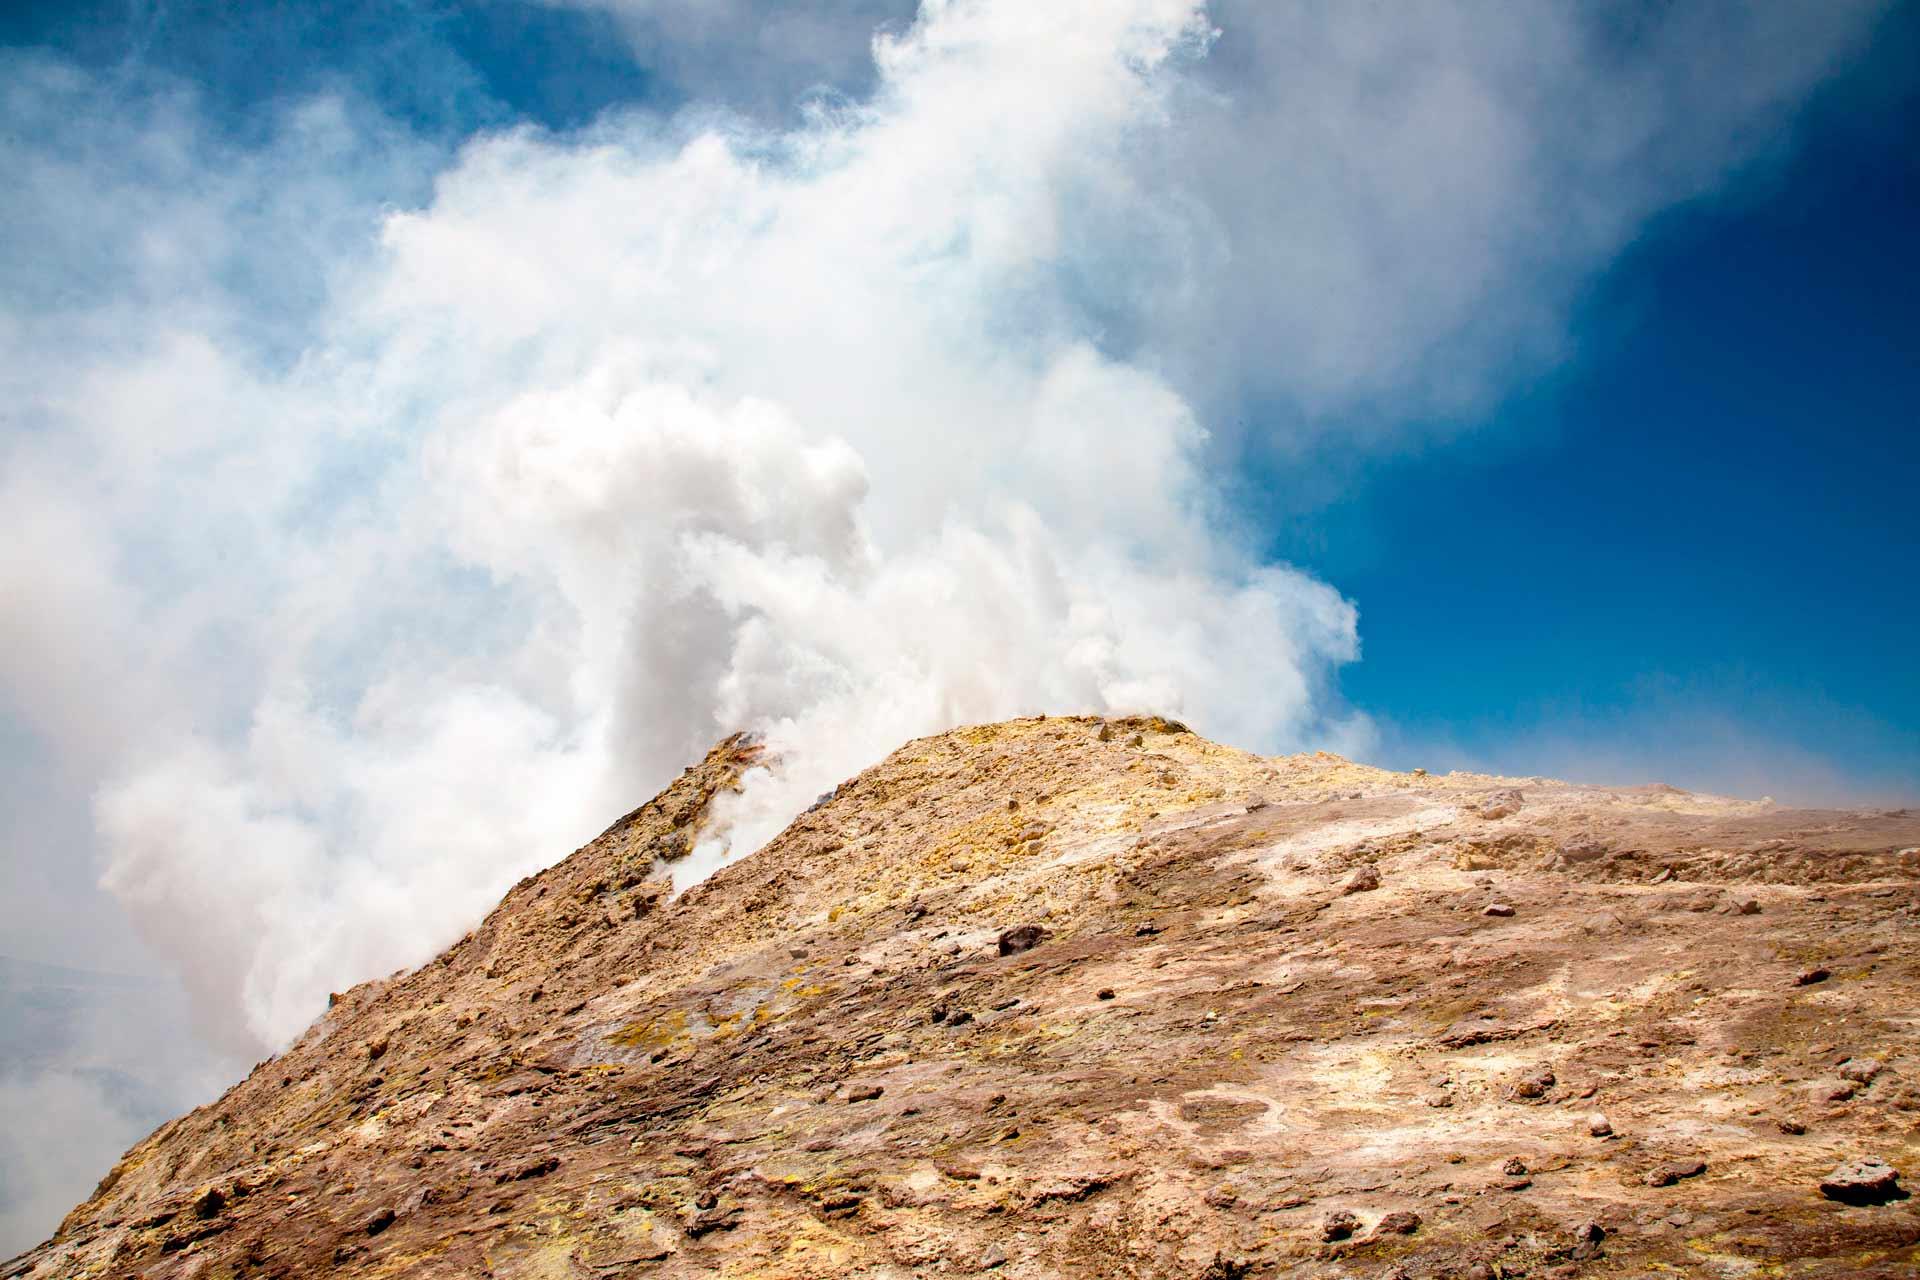 Le pareti franose di questo baratro di 500 mt di diametro, si perdono verticali in un vuoto fumoso talvolta insondabile. La profondità della voragine varia in funzione dell'altezza del magma nel camino, oggi più di mille metri, domani, forse solo qualche decina.